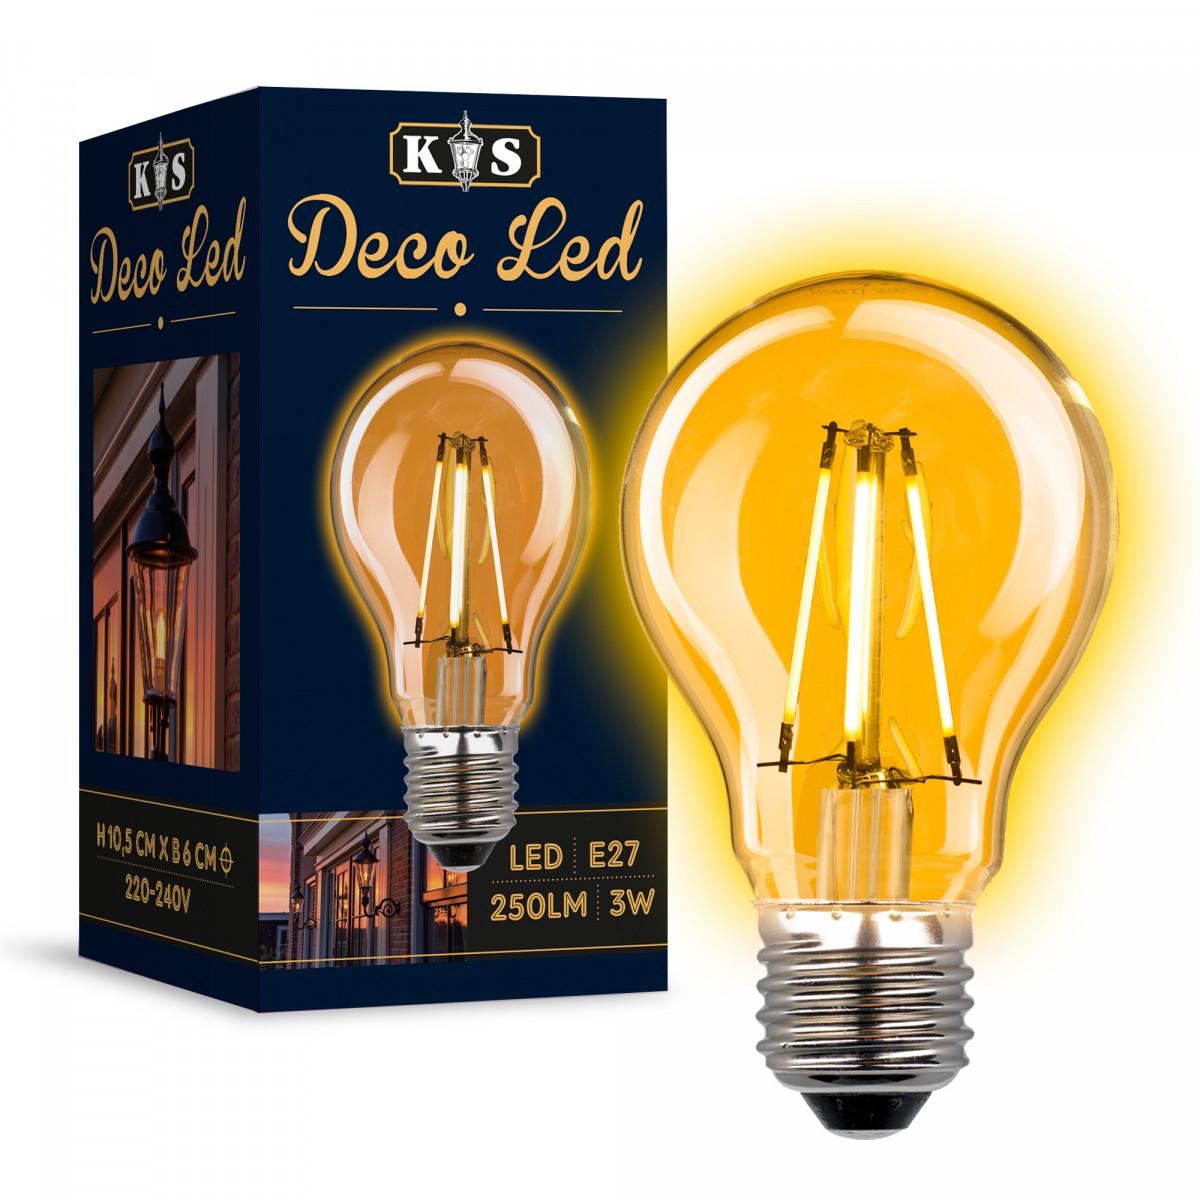 LED Lamp Deco Led 3W